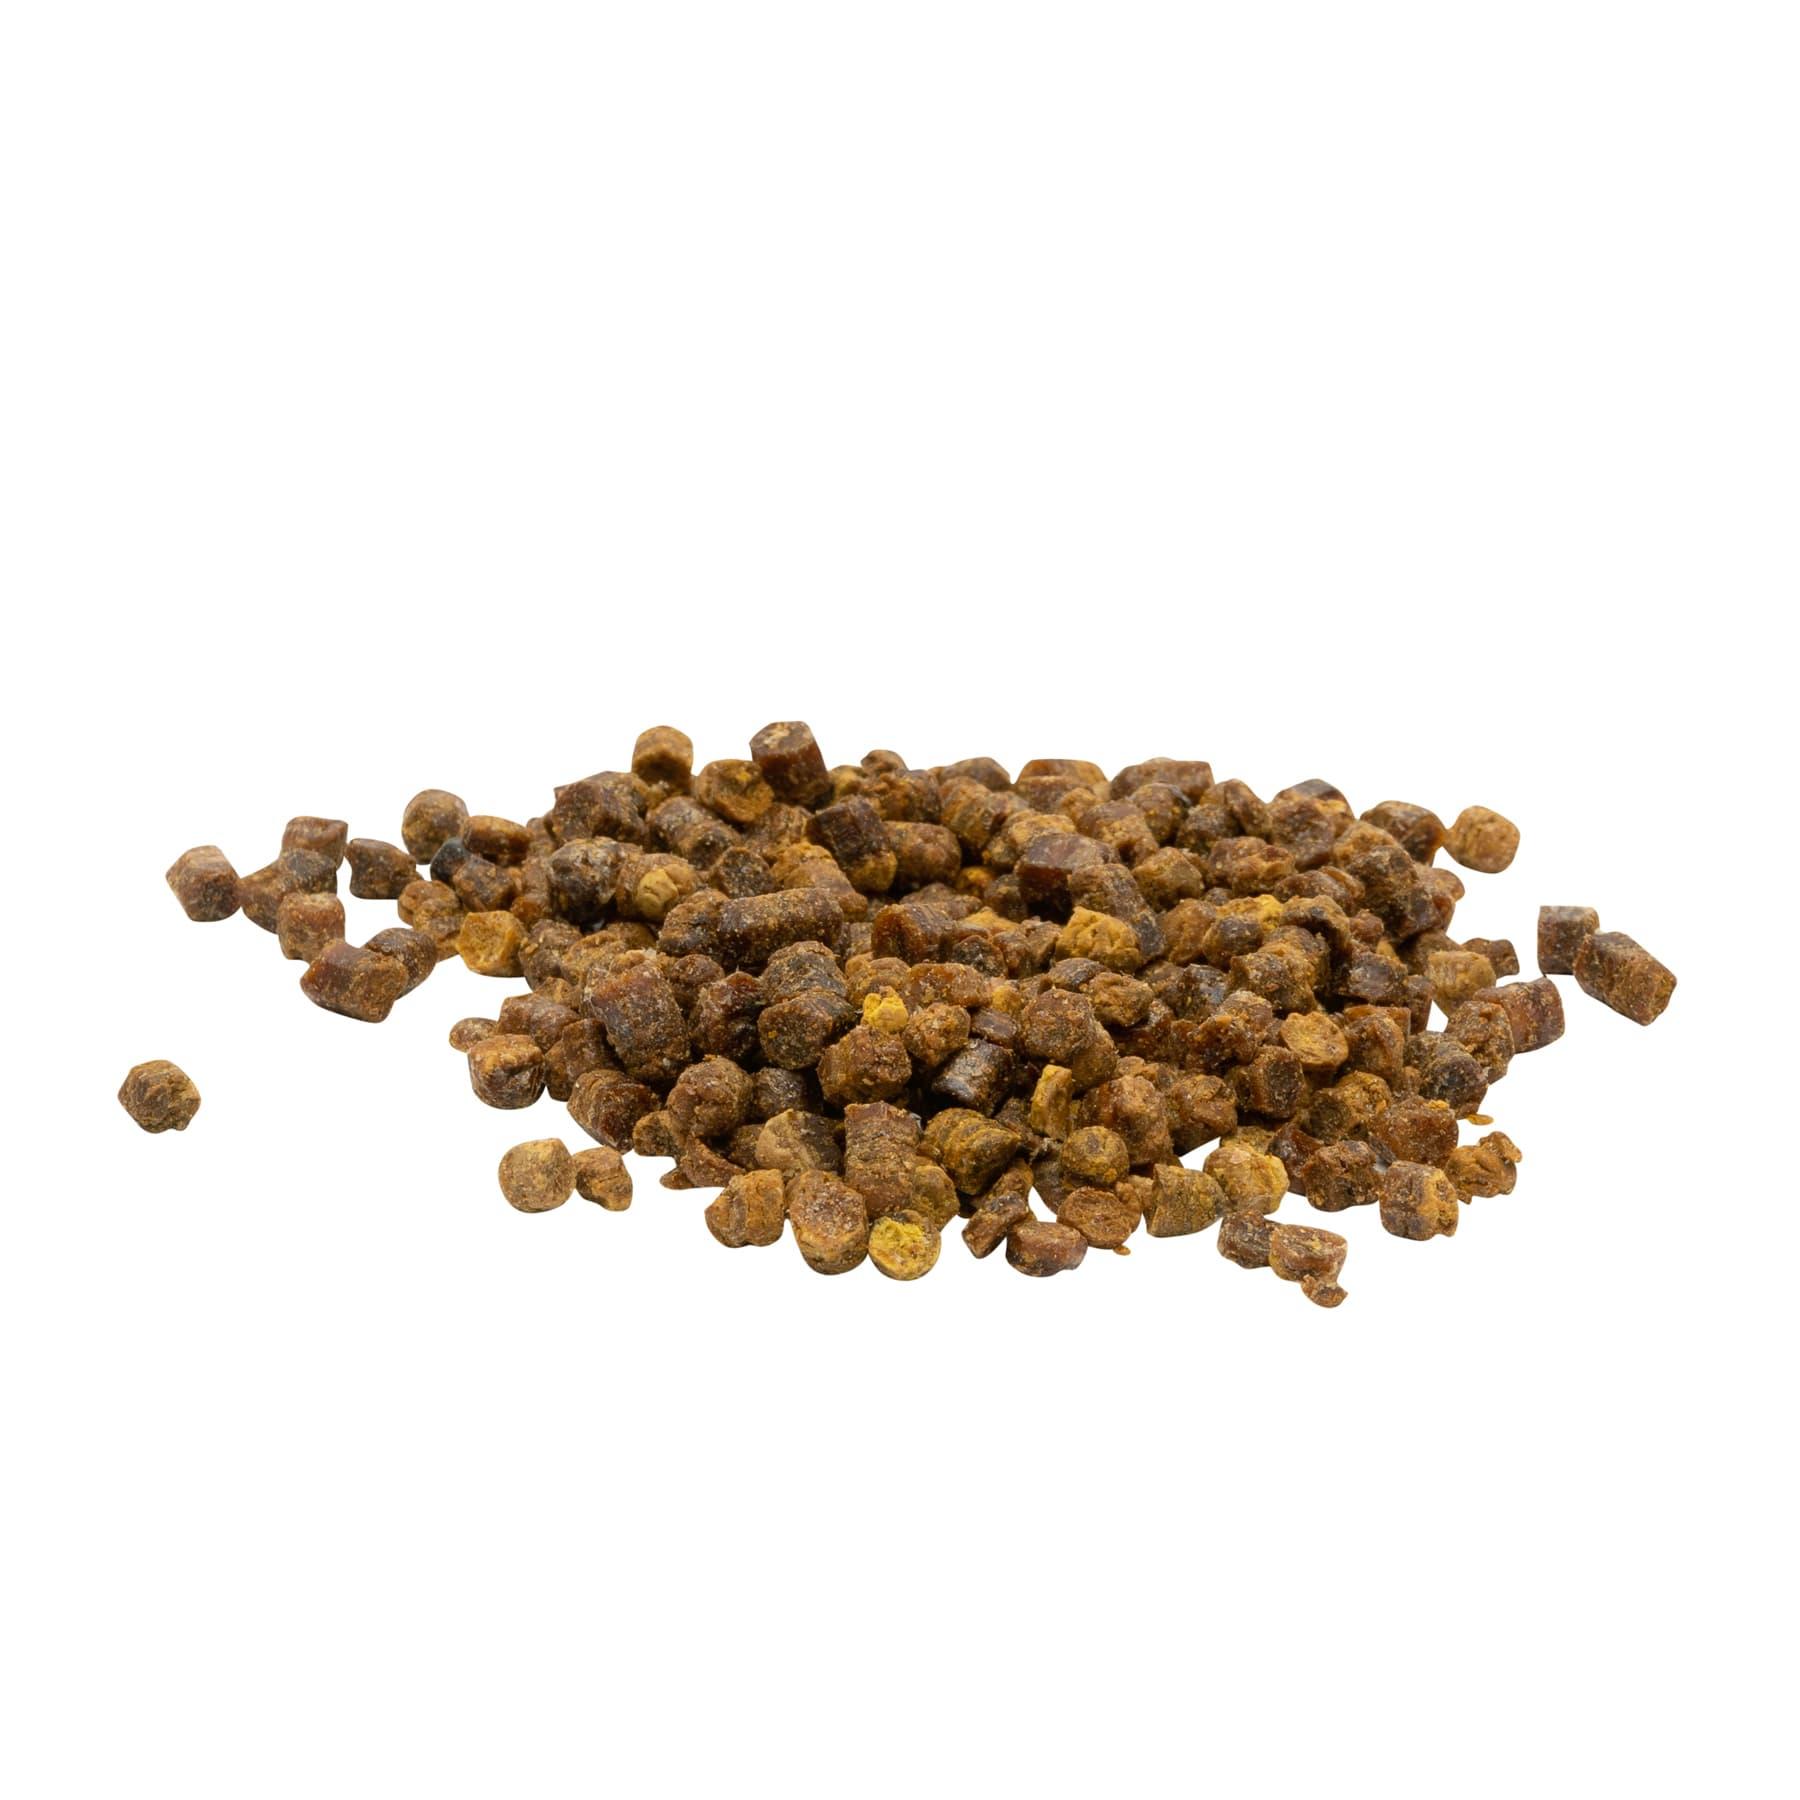 Bienenbrot Perga,= Pollen, der von den Bienen in die Zellen eingestampft wurde und durch Milchsäuregärung fermentiert wurde, 1 kg